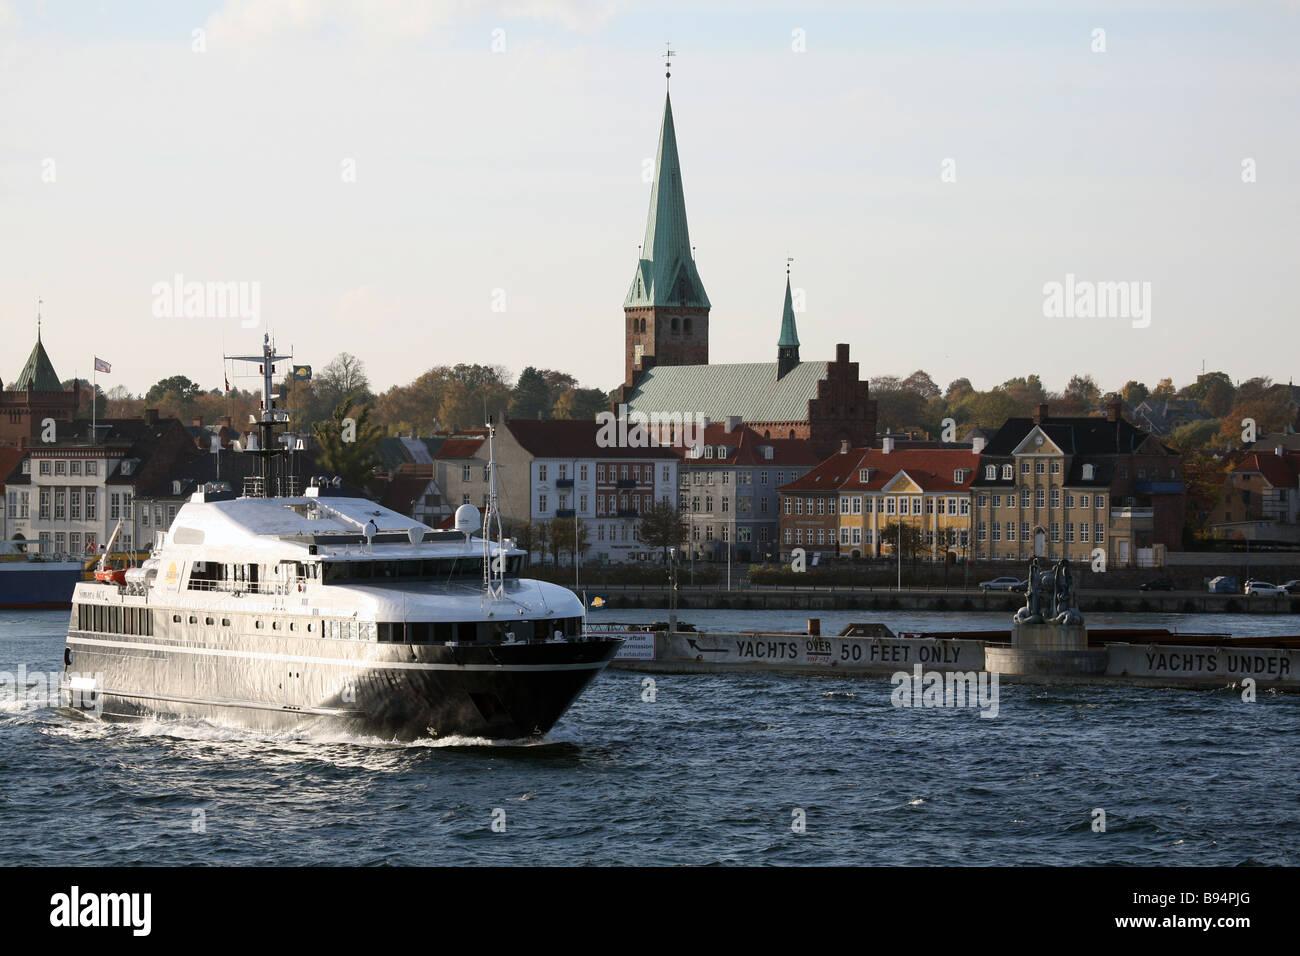 Elsinore. Denmark. Europe. - Stock Image